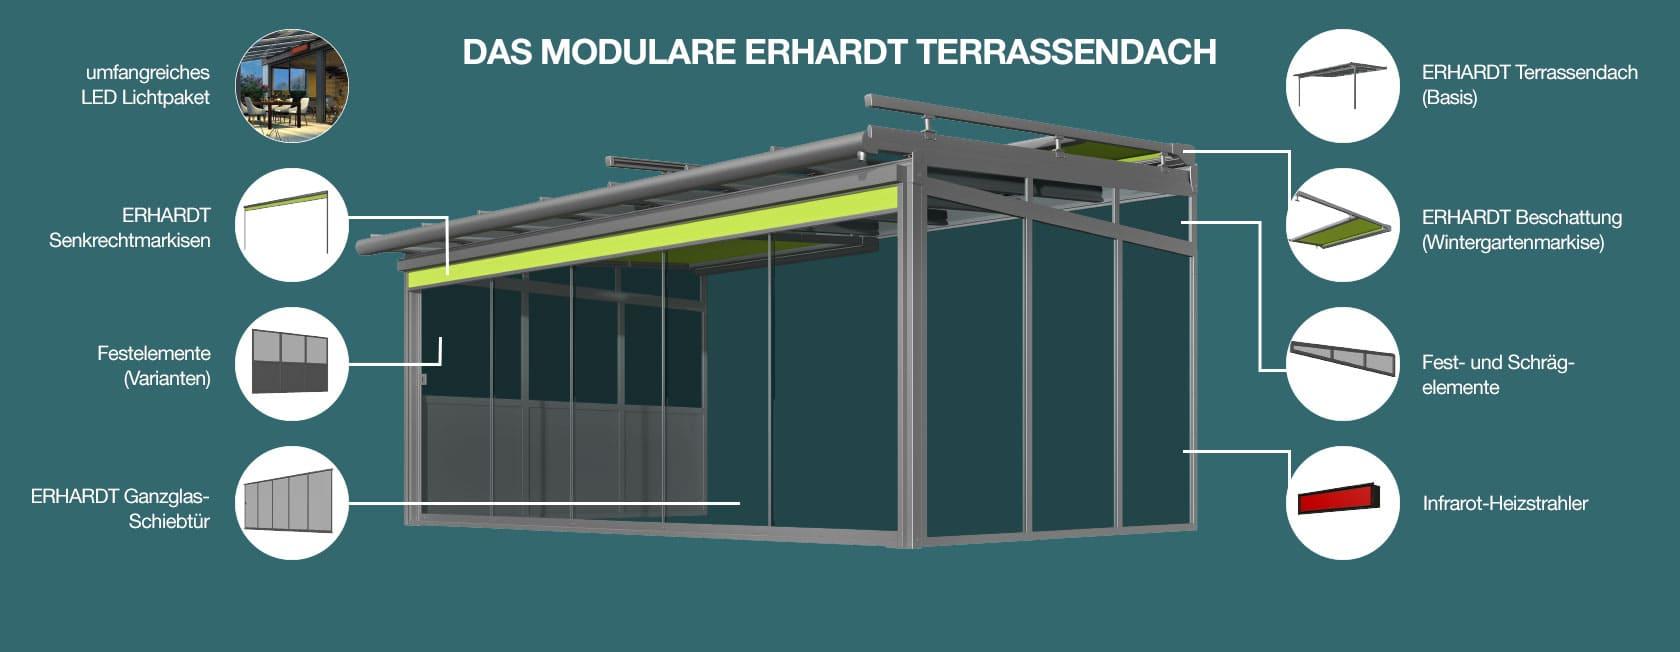 modulare Aufbau des ERHARDT Terrassendachs